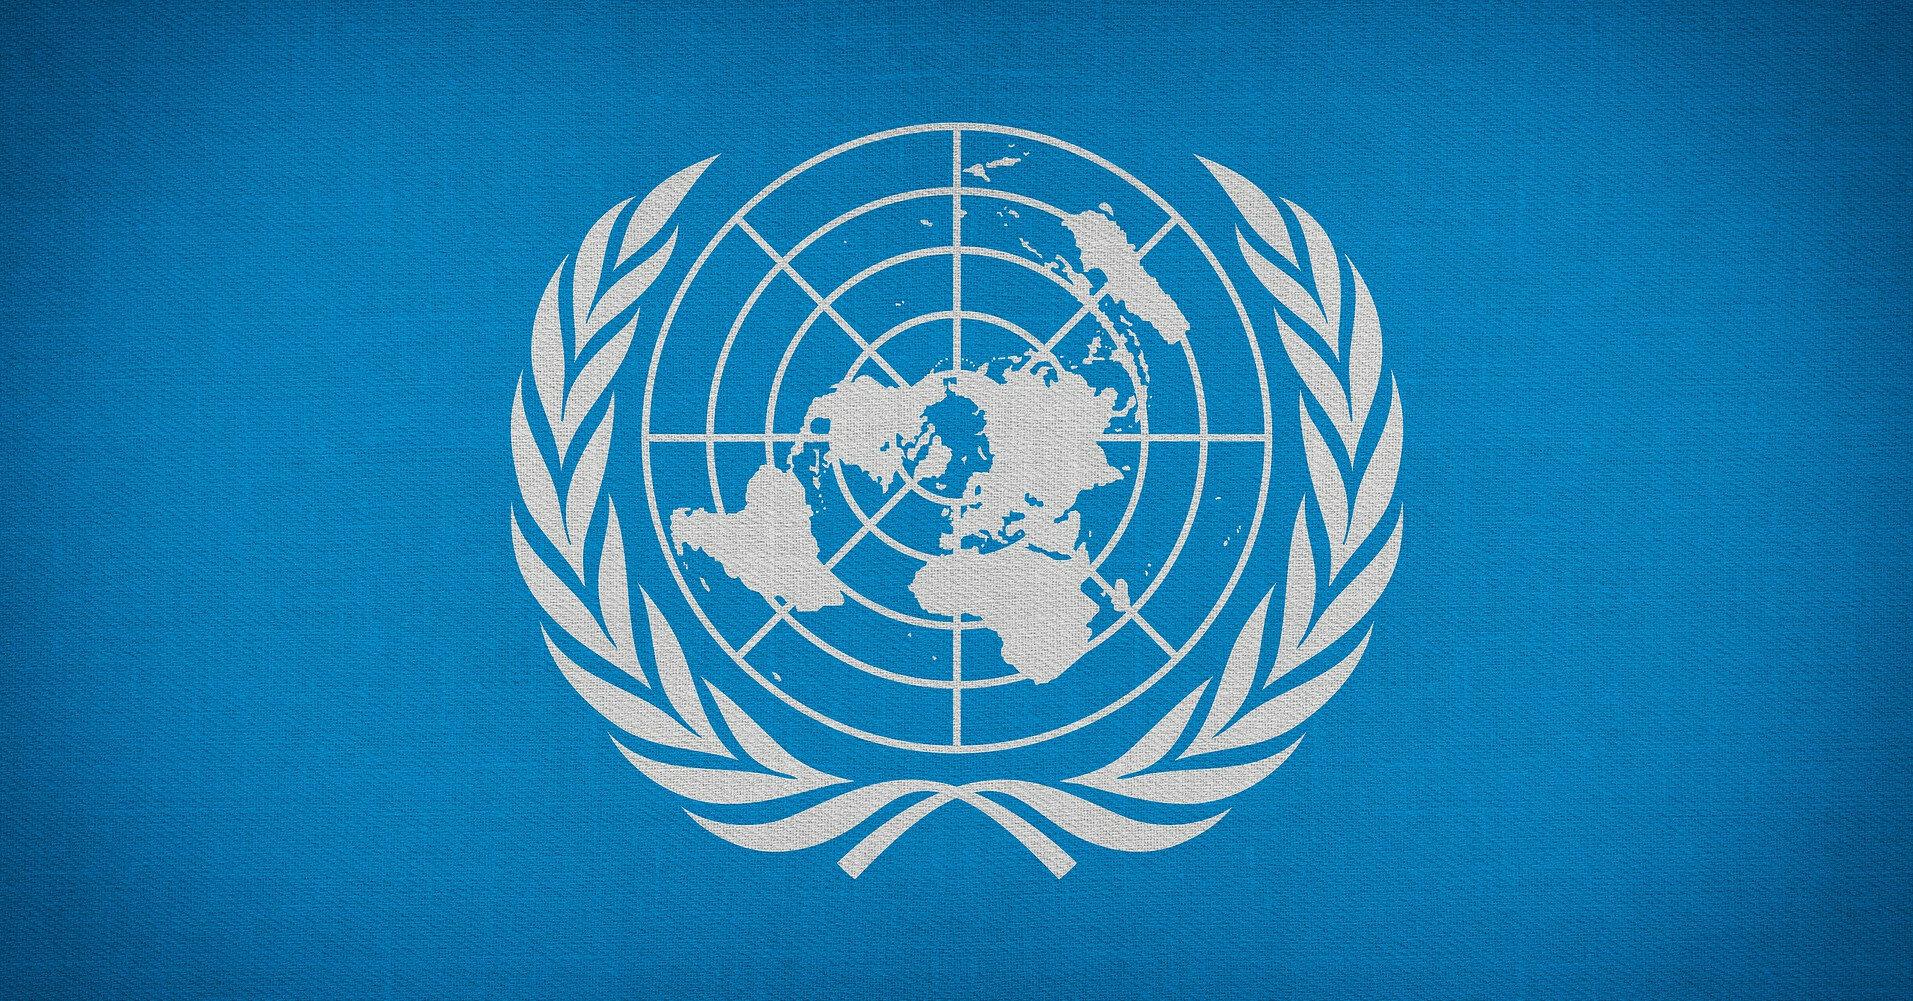 В ООН предупредили об угрозе глобального потепления в ближайшие 5 лет